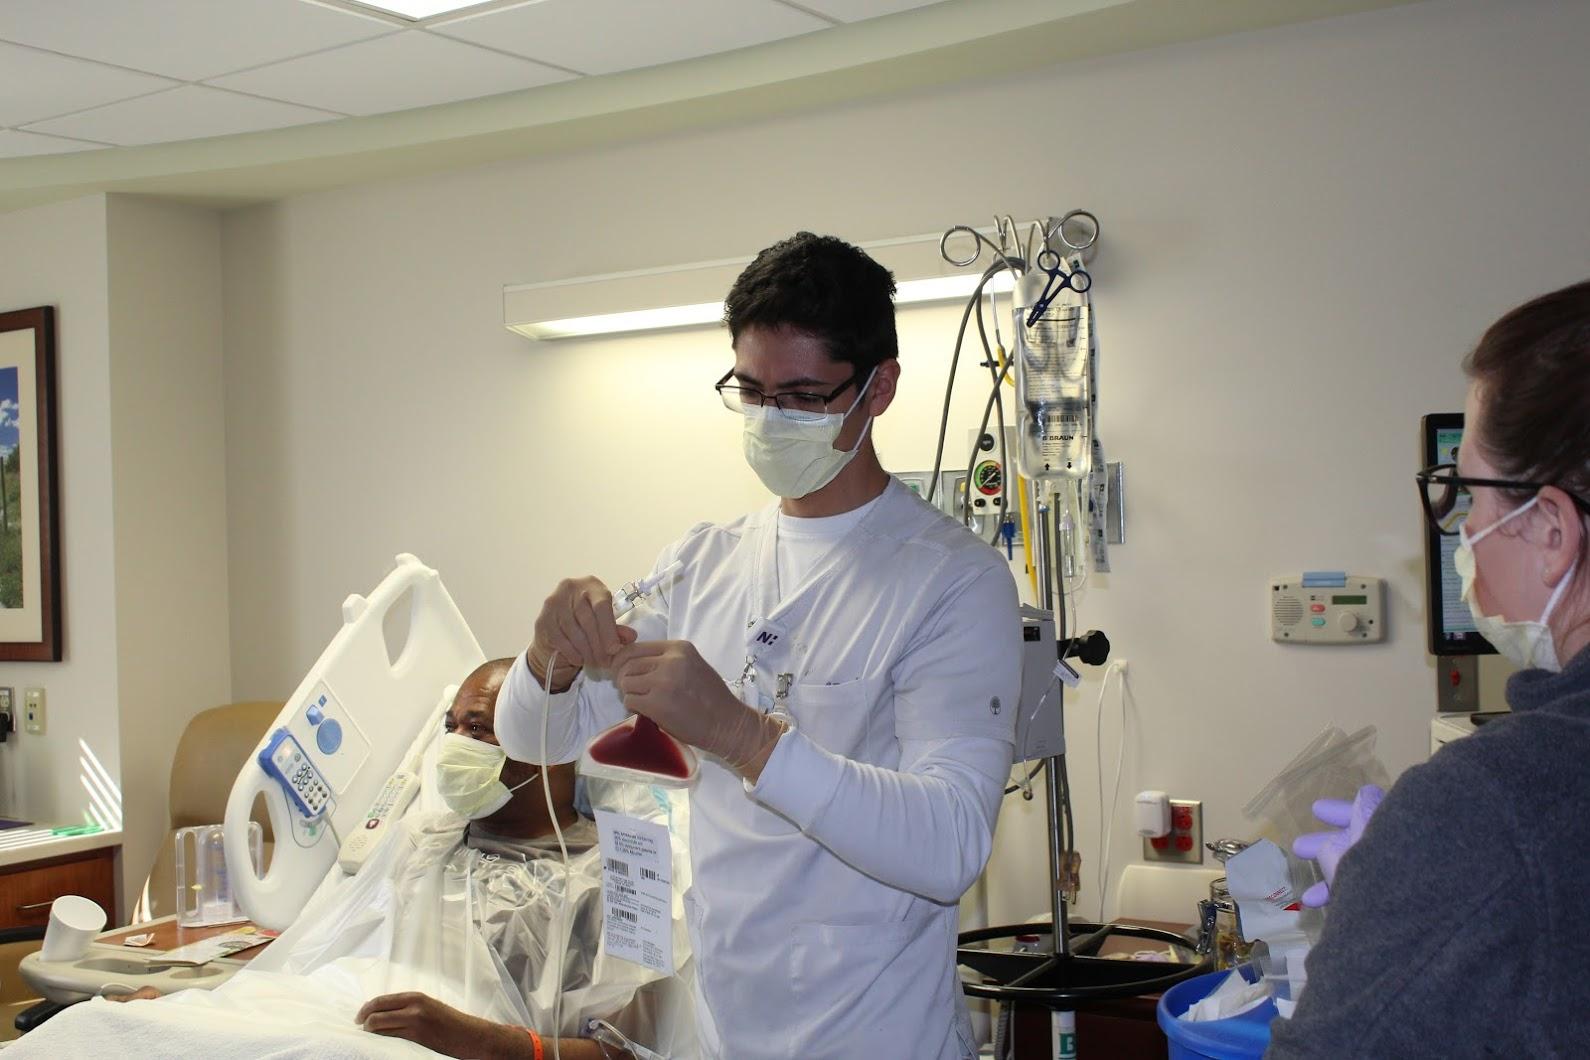 A Novant Health team member holds a bag of Covington's stem cells.